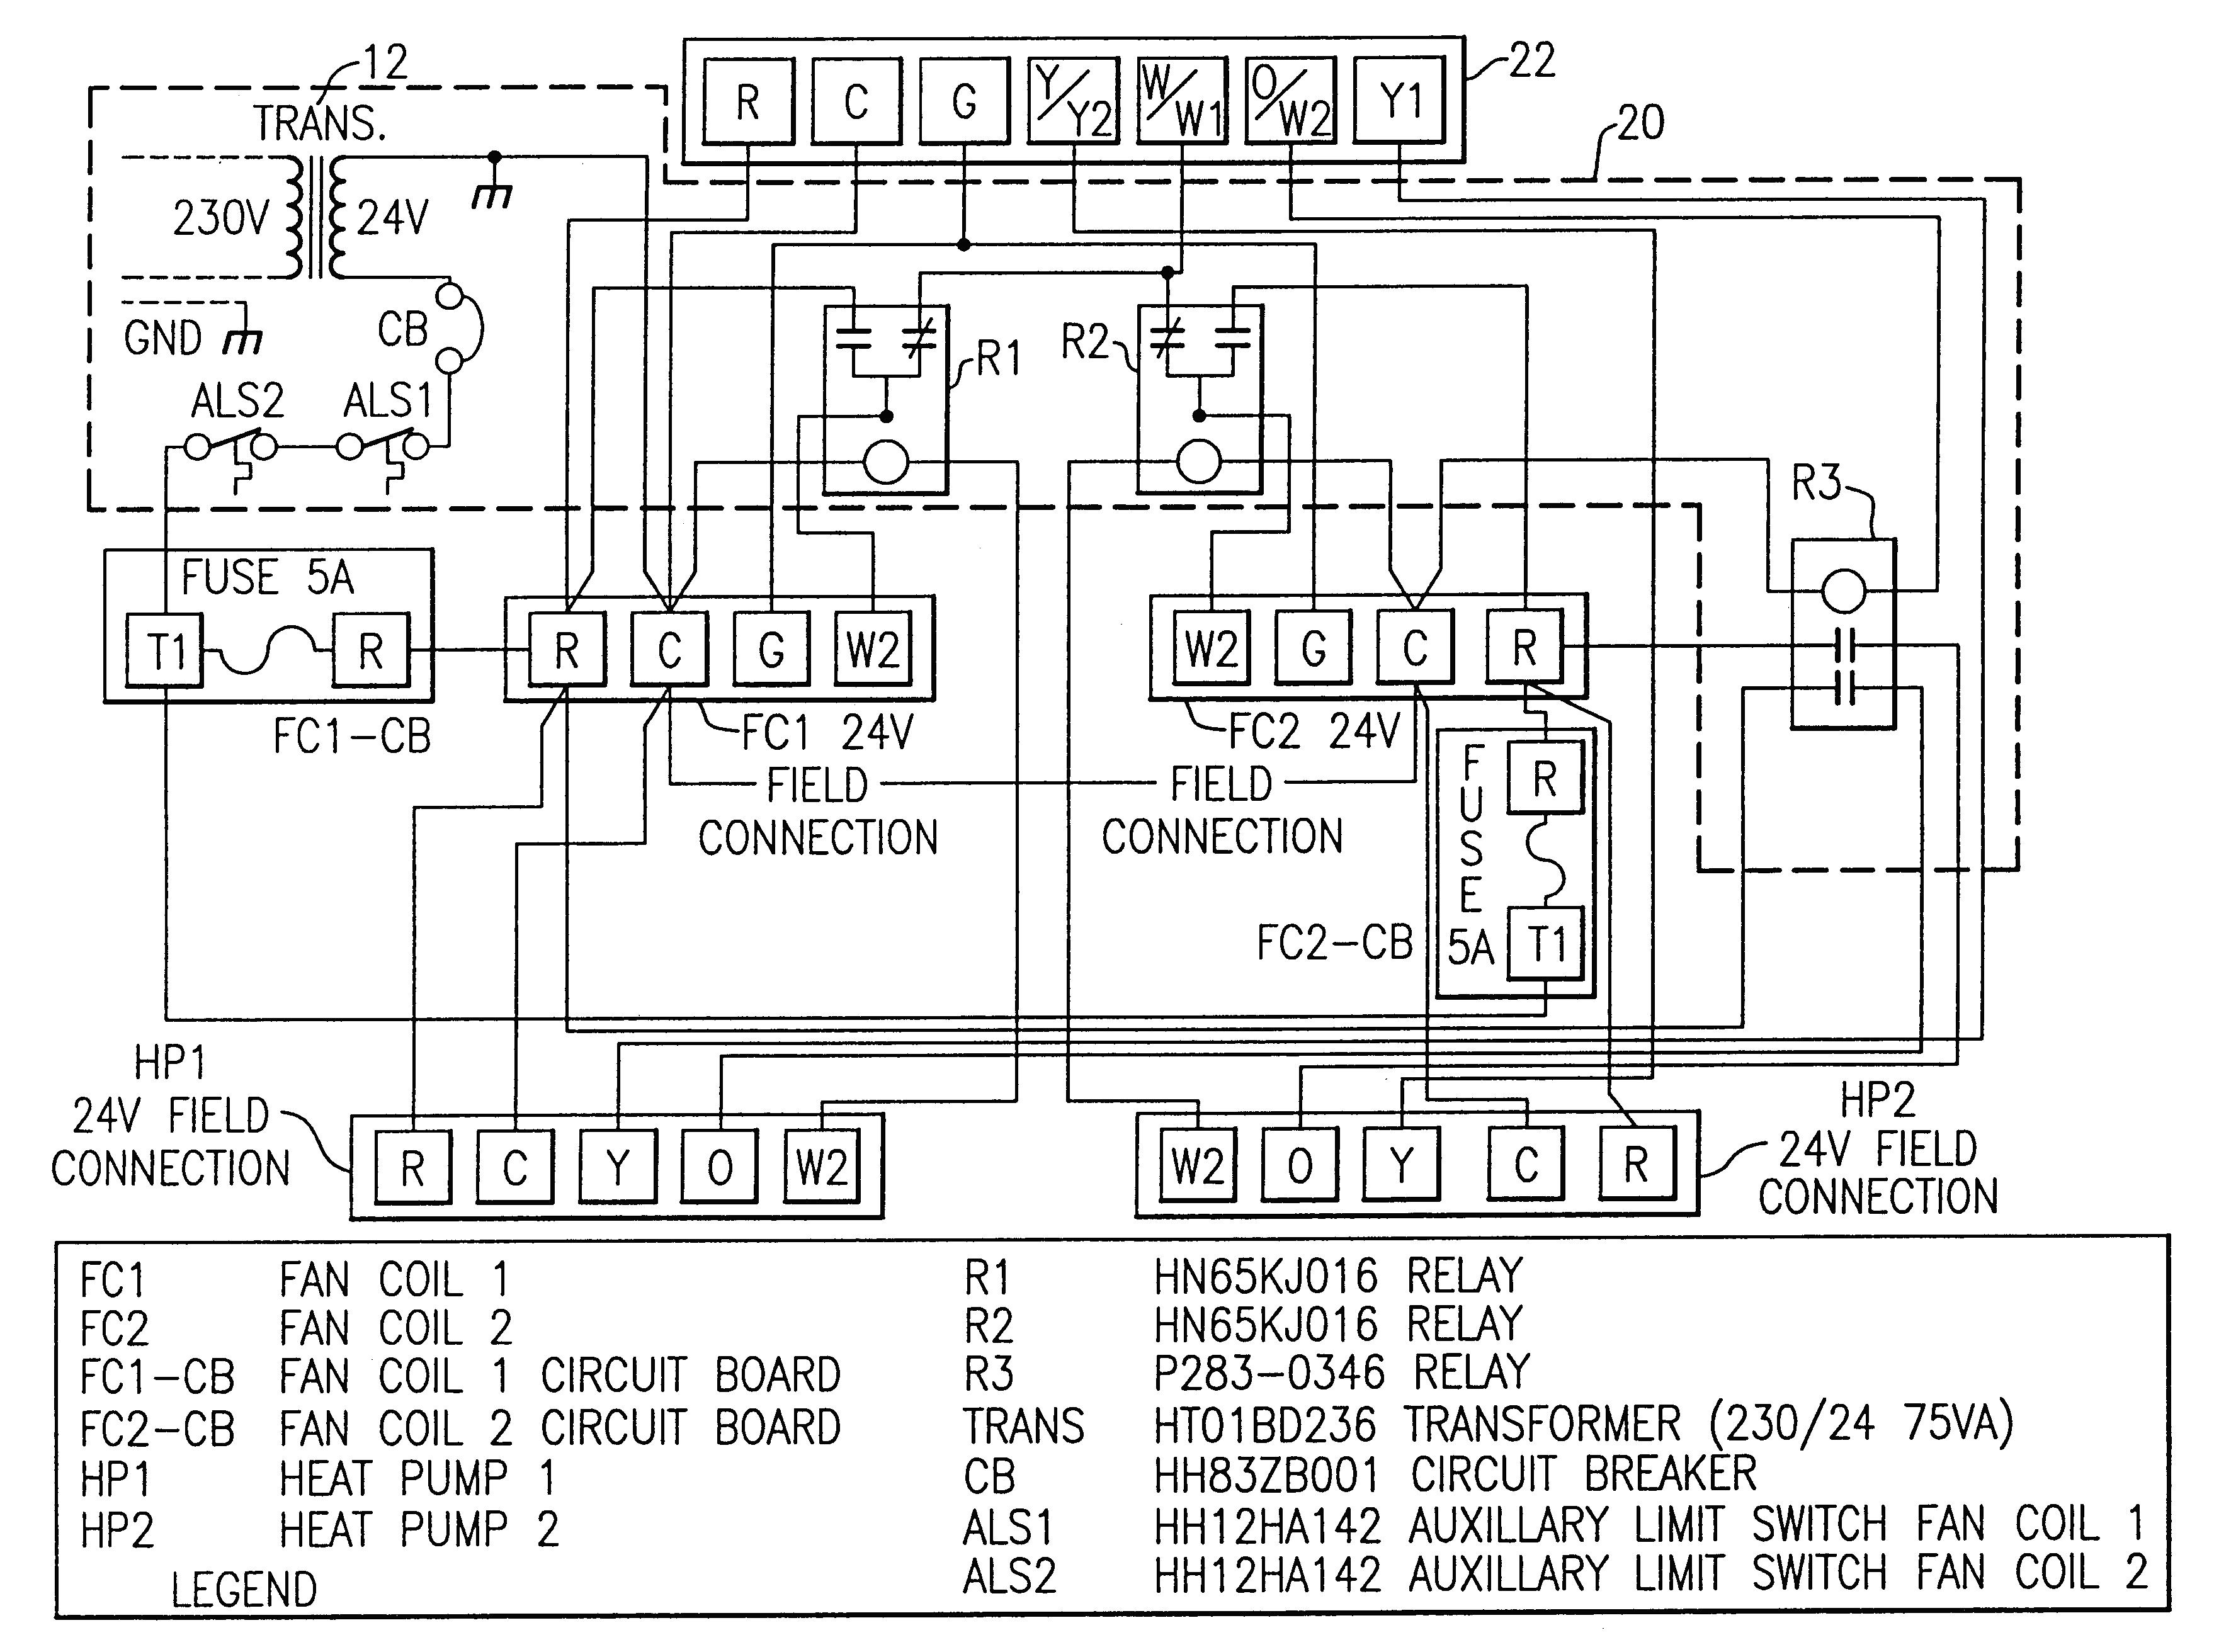 York Heat Pump Wiring - Data Wiring Diagram Schematic - Heat Pump Wiring Diagram Schematic